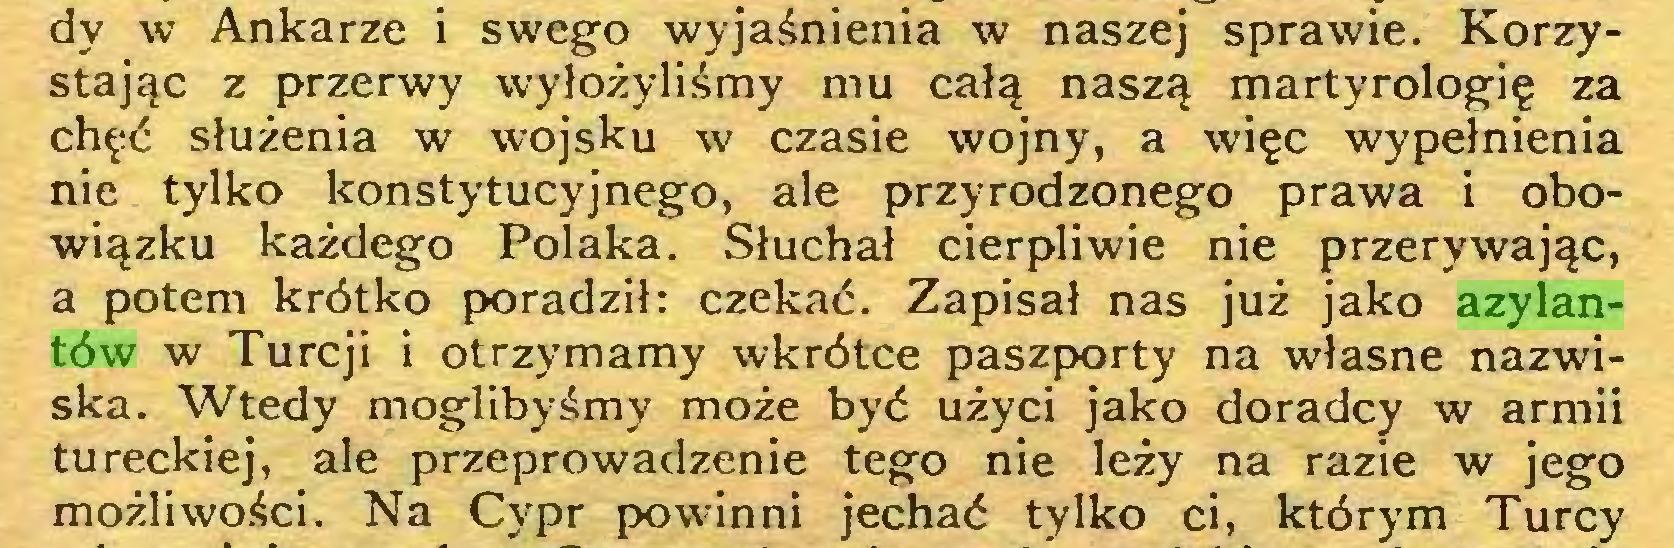 (...) dy w Ankarze i swego wyjaśnienia w naszej sprawie. Korzystając z przerwy wyłożyliśmy mu całą naszą martyrologię za chęć służenia w wojsku w czasie wojny, a więc wypełnienia nie tylko konstytucyjnego, ale przyrodzonego prawa i obowiązku każdego Polaka. .Słuchał cierpliwie nie przerywając, a potem krótko poradził: czekać. Zapisał nas już jako azylantów w Turcji i otrzymamy wkrótce paszporty na własne nazwiska. Wtedy moglibyśmy może być użyci jako doradcy w armii tureckiej, ale przeprowadzenie tego nie leży na razie w jego możliwości. Na Cypr powinni jechać tylko ci, którym Turcy...